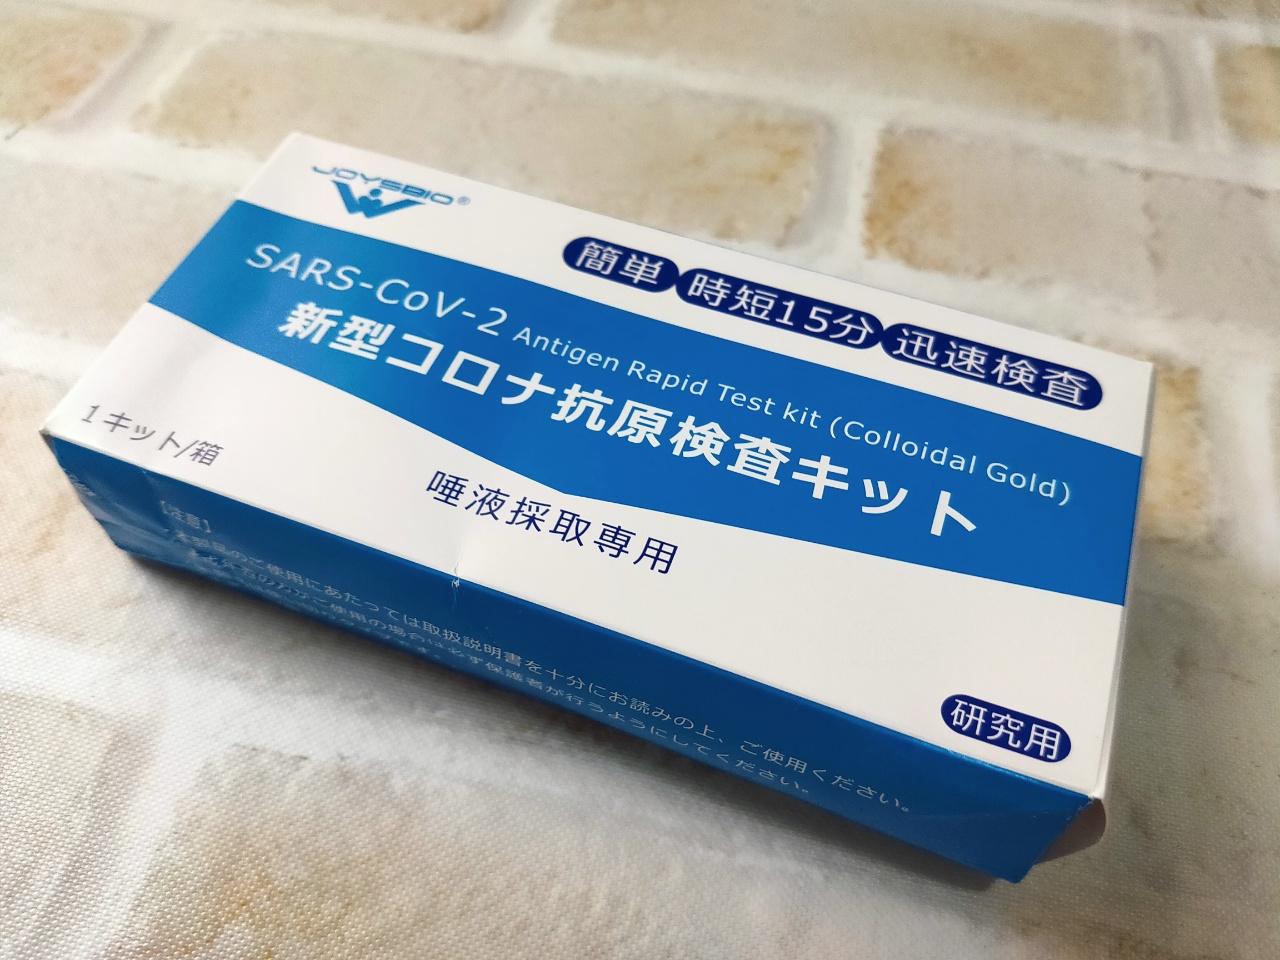 抗原検査キットの外箱